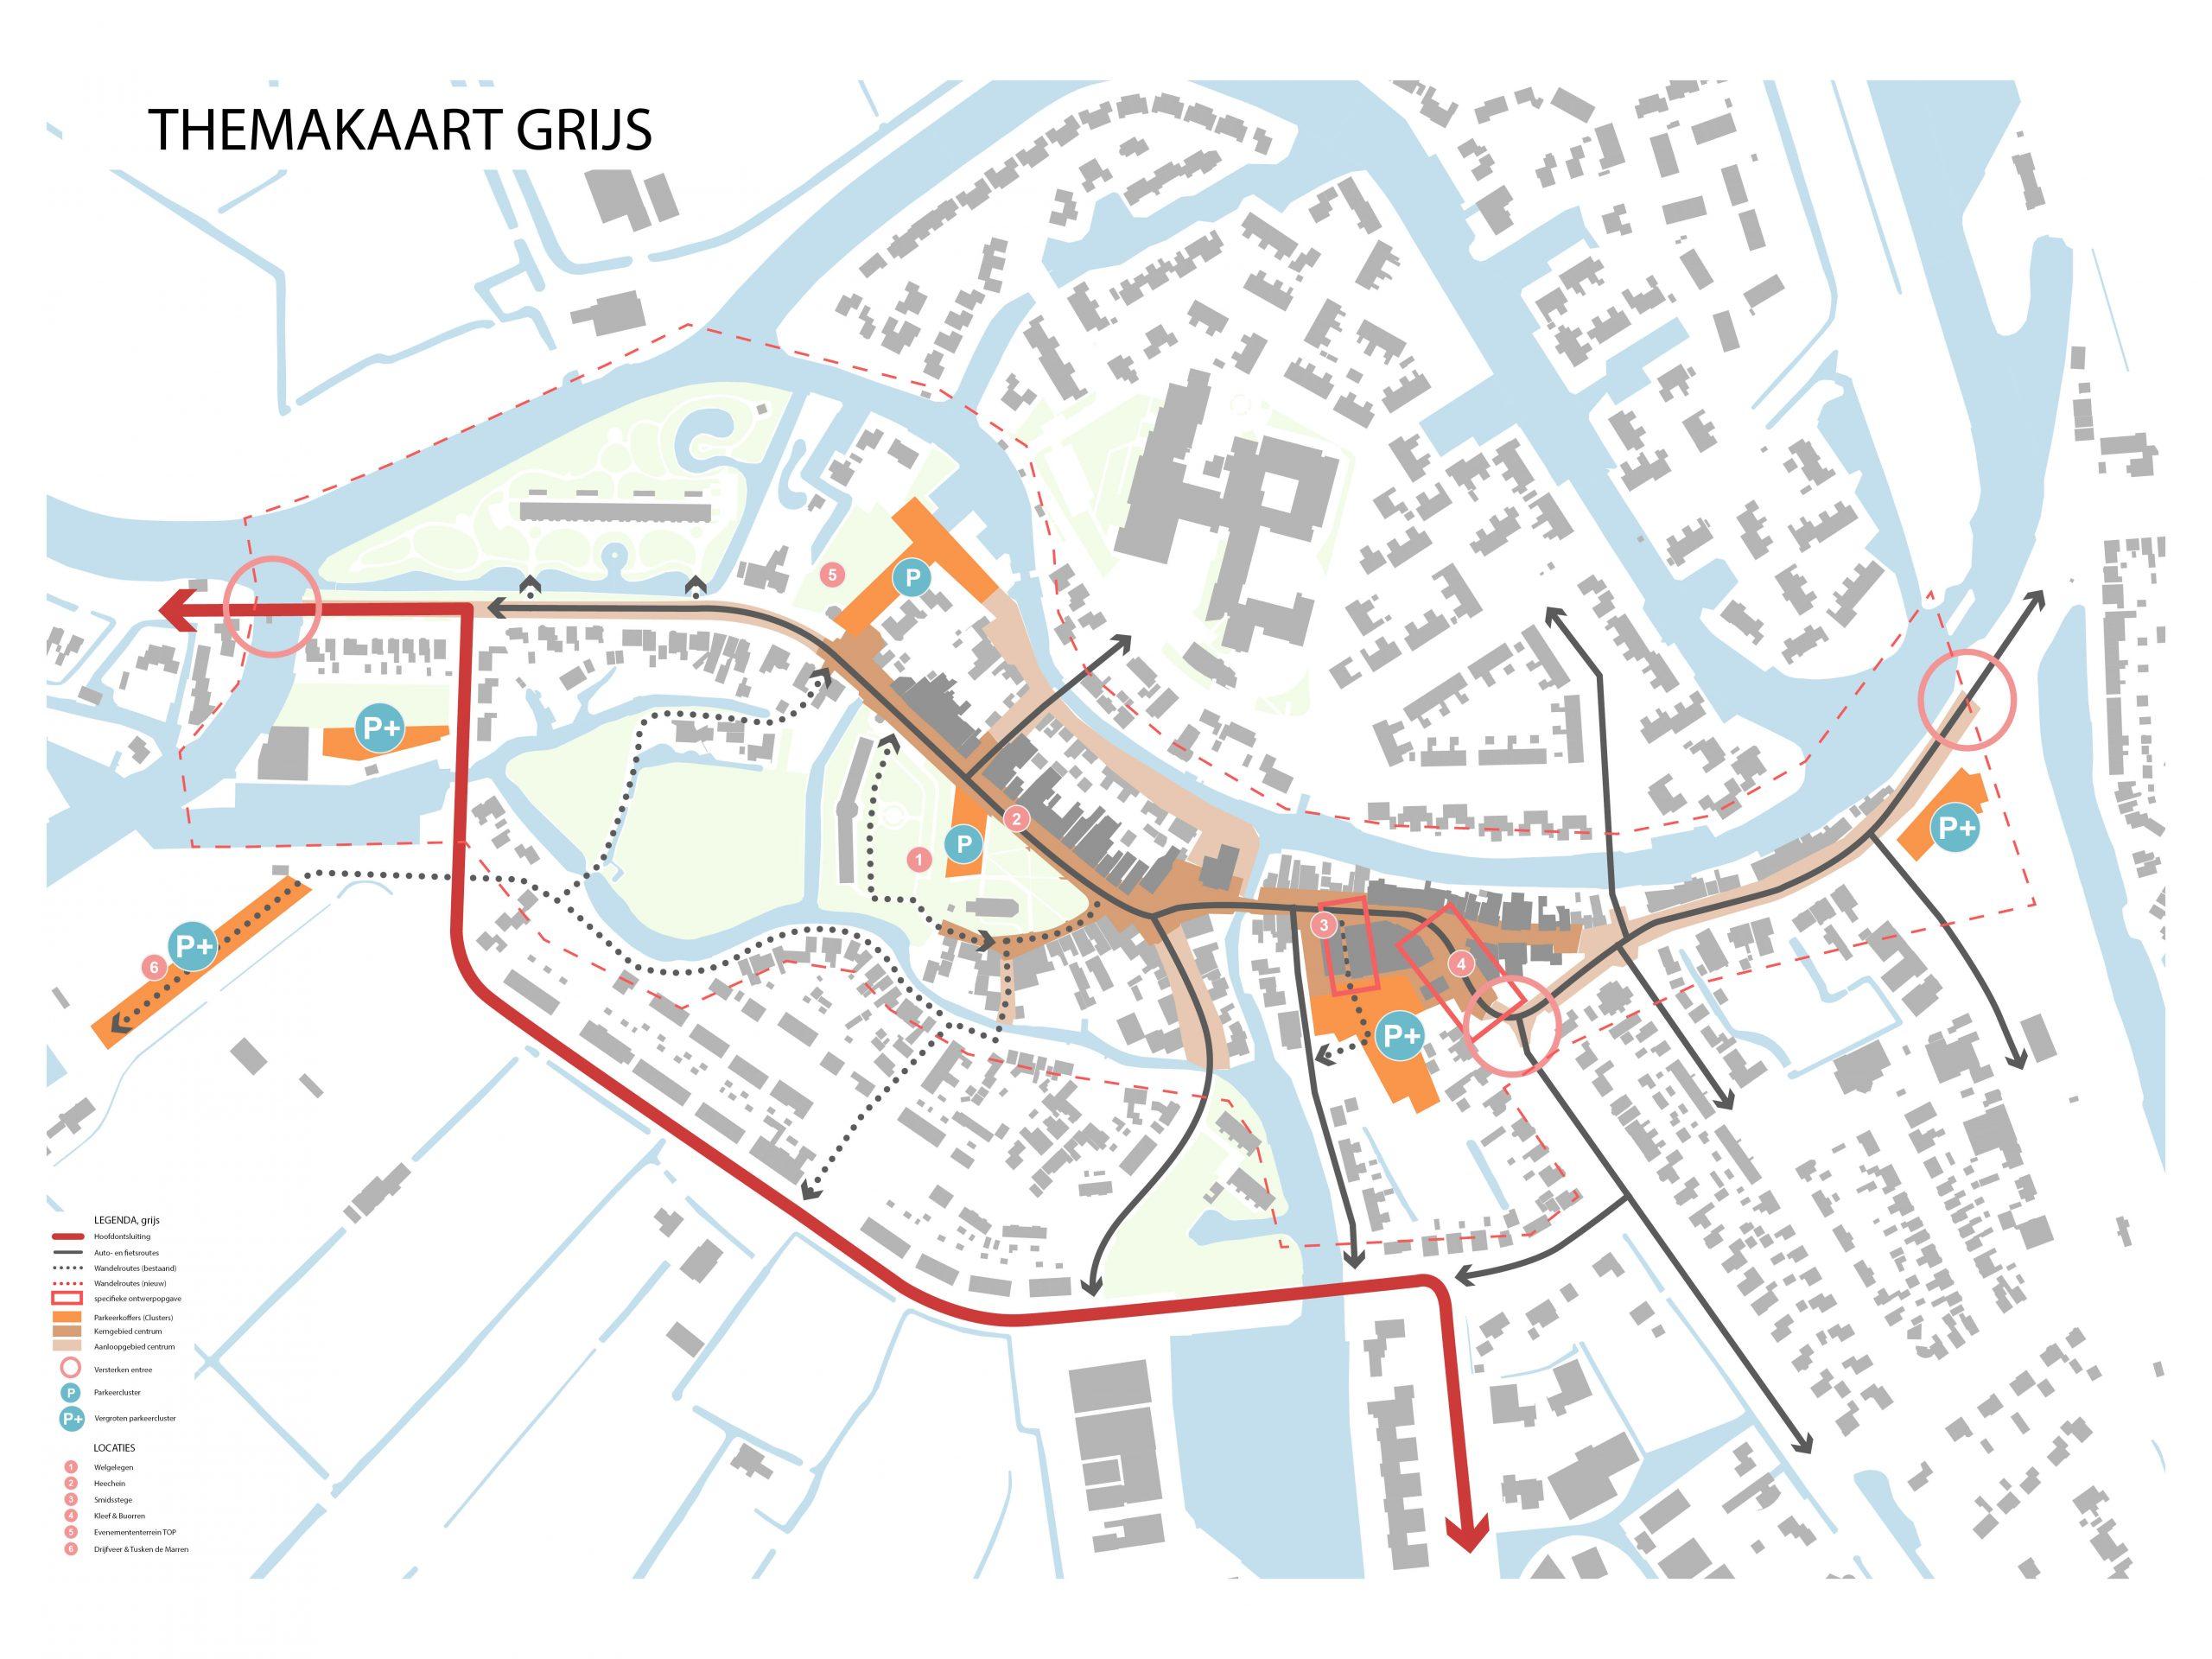 Kaart 2: Grijs (infrastructuur)